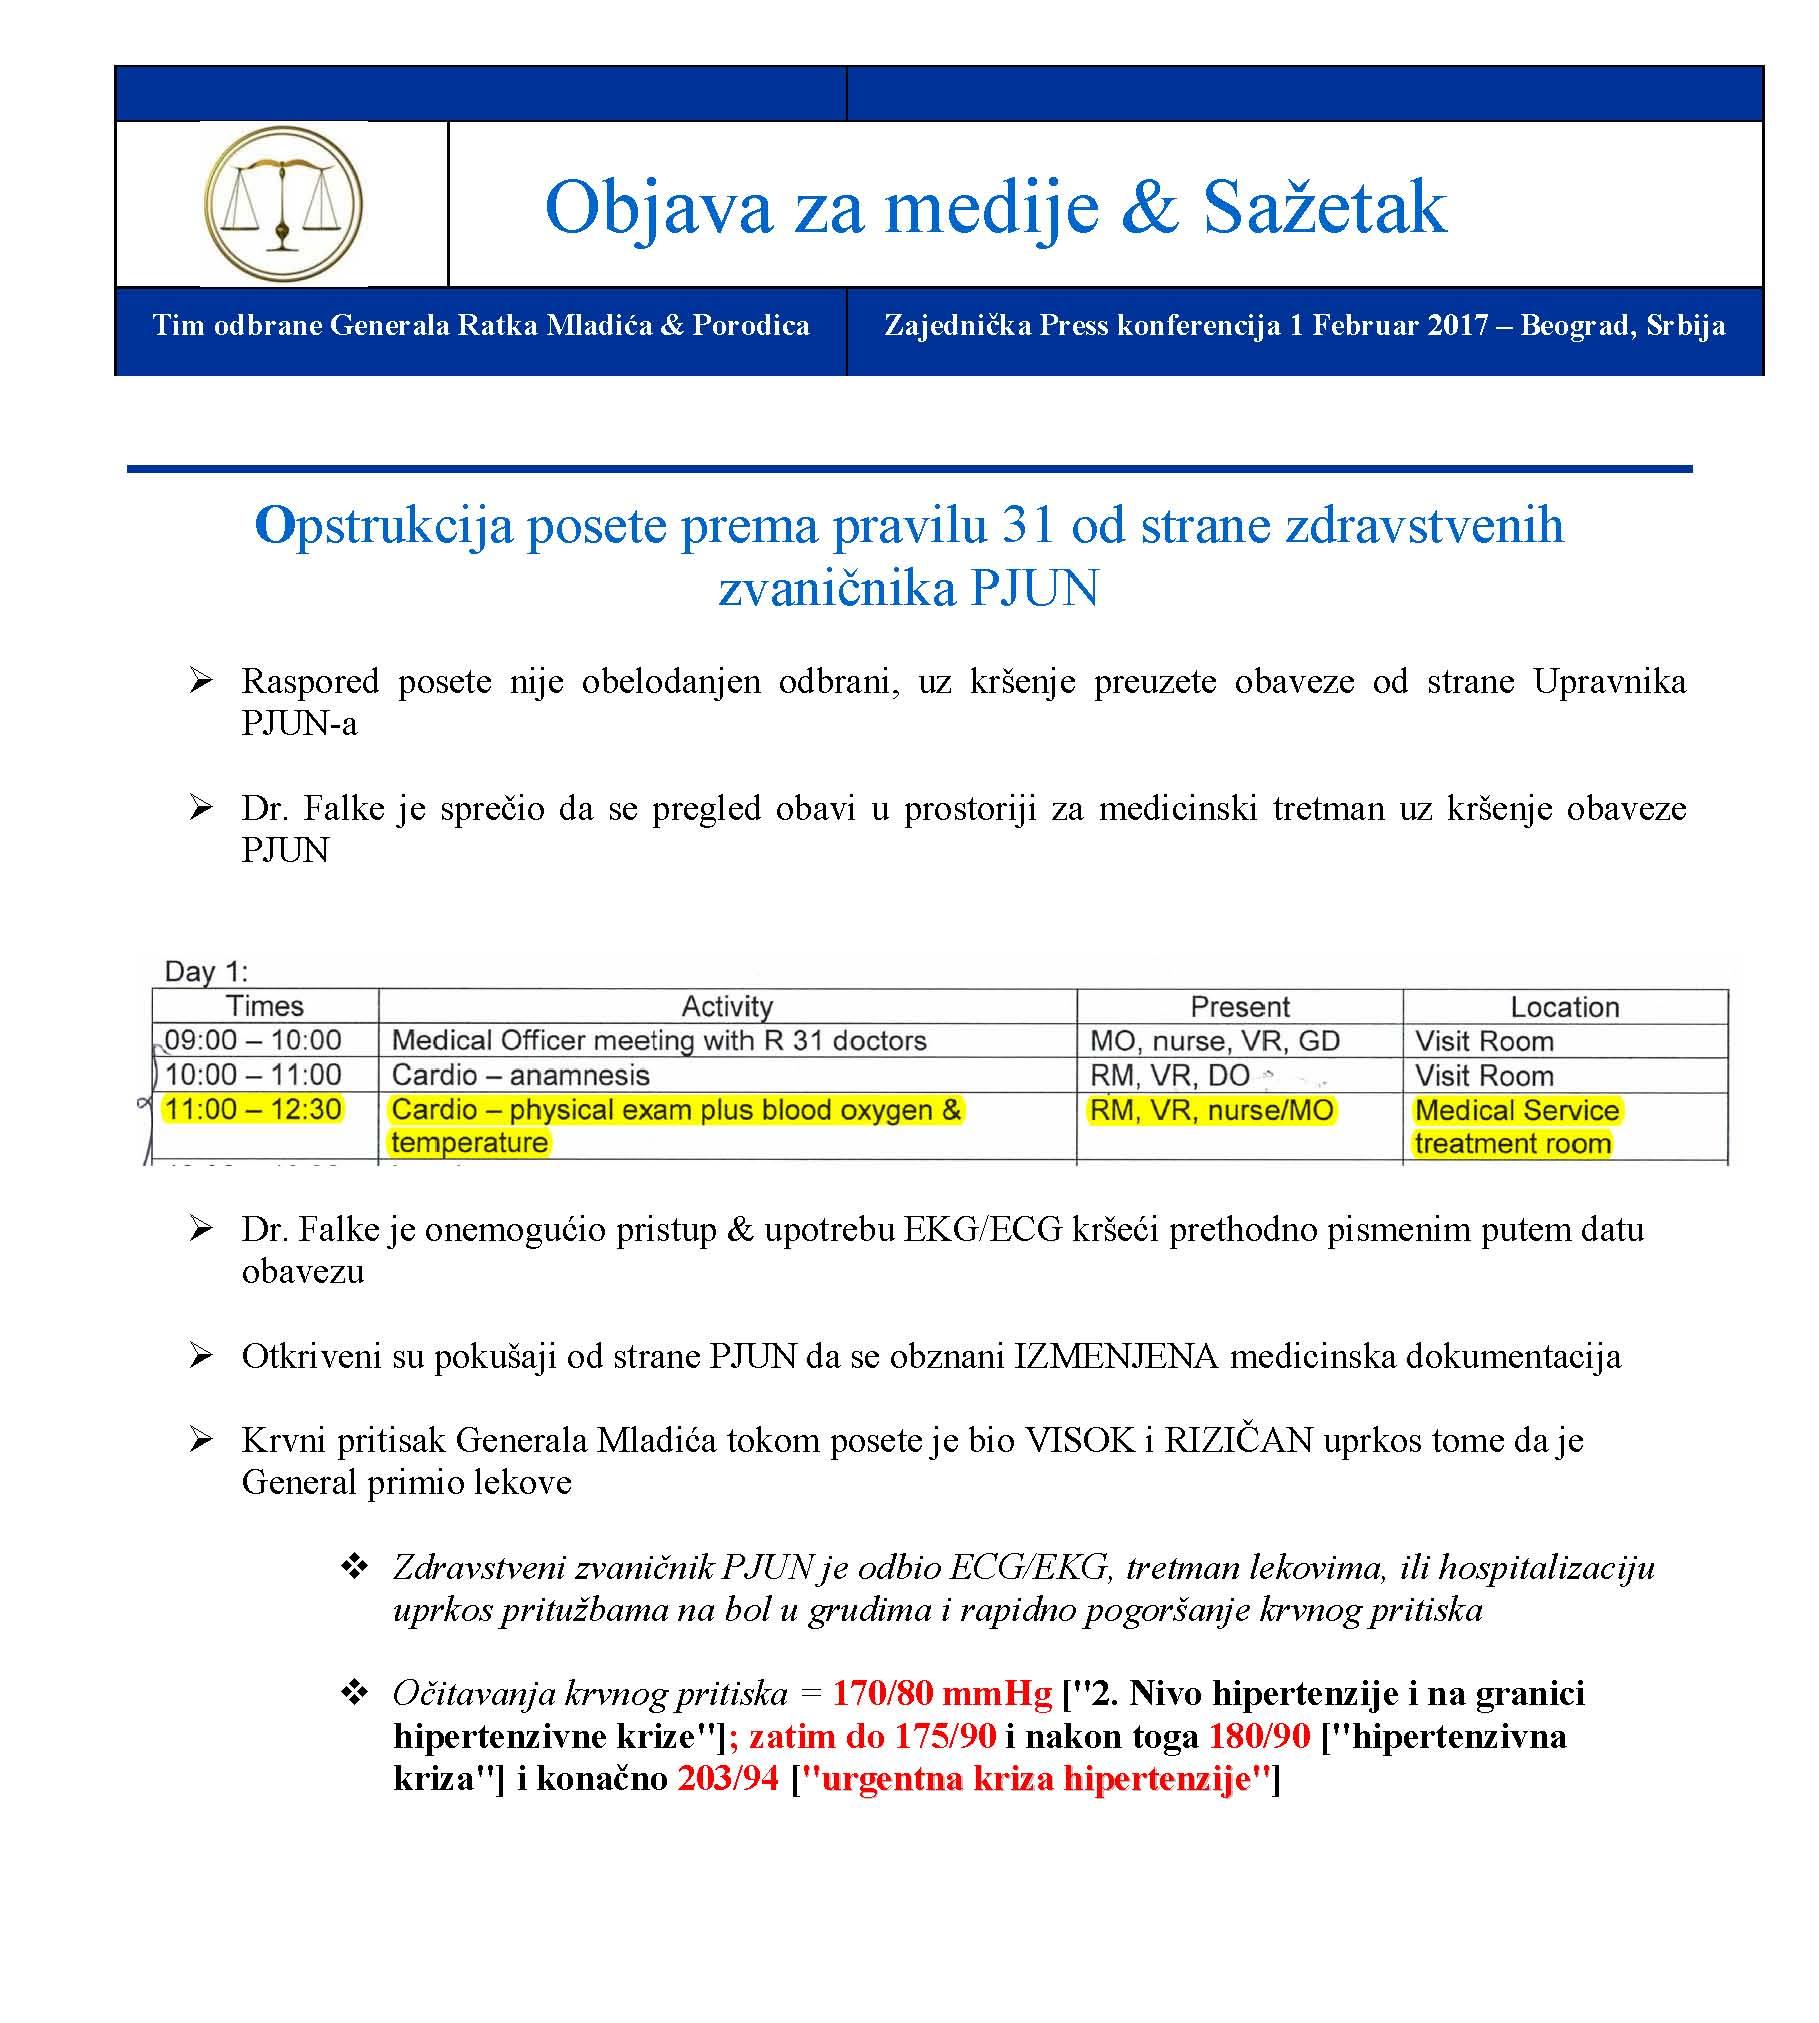 medicinski tretman hipertenzije)